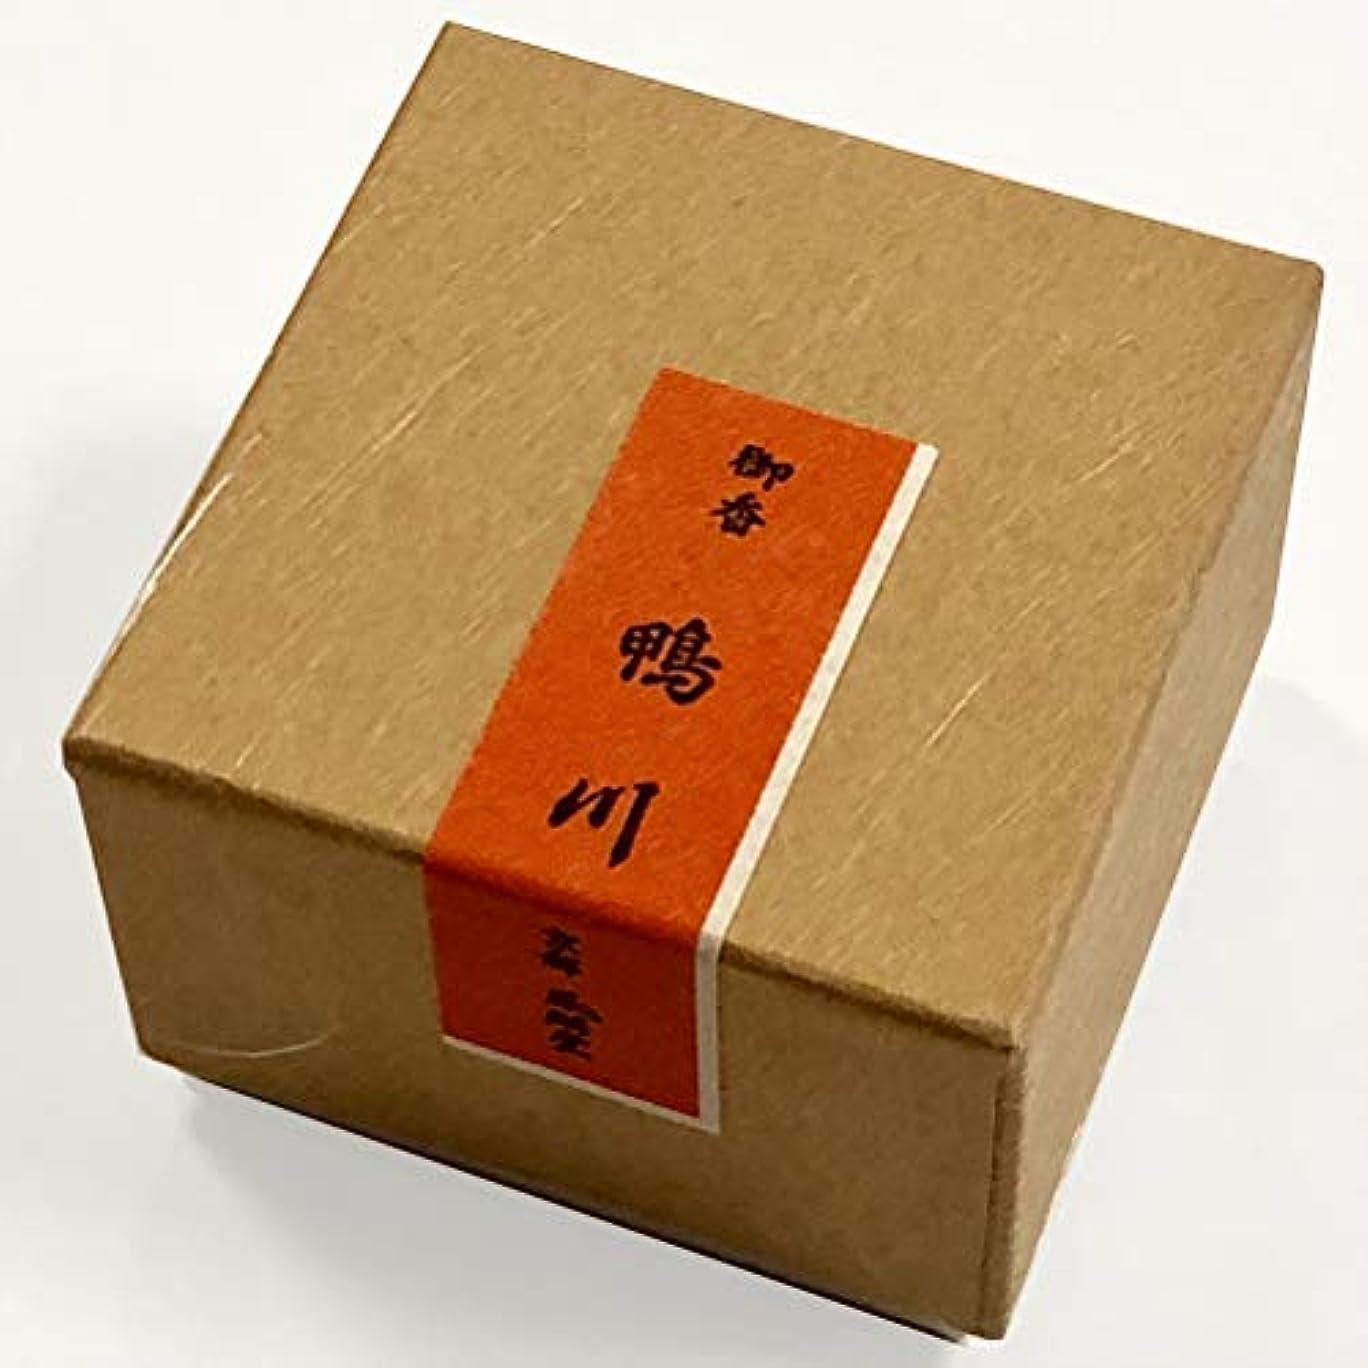 好戦的なかみそりマイコン御香 鴨川 京都風翔堂 (巻線香タイプ10枚入)